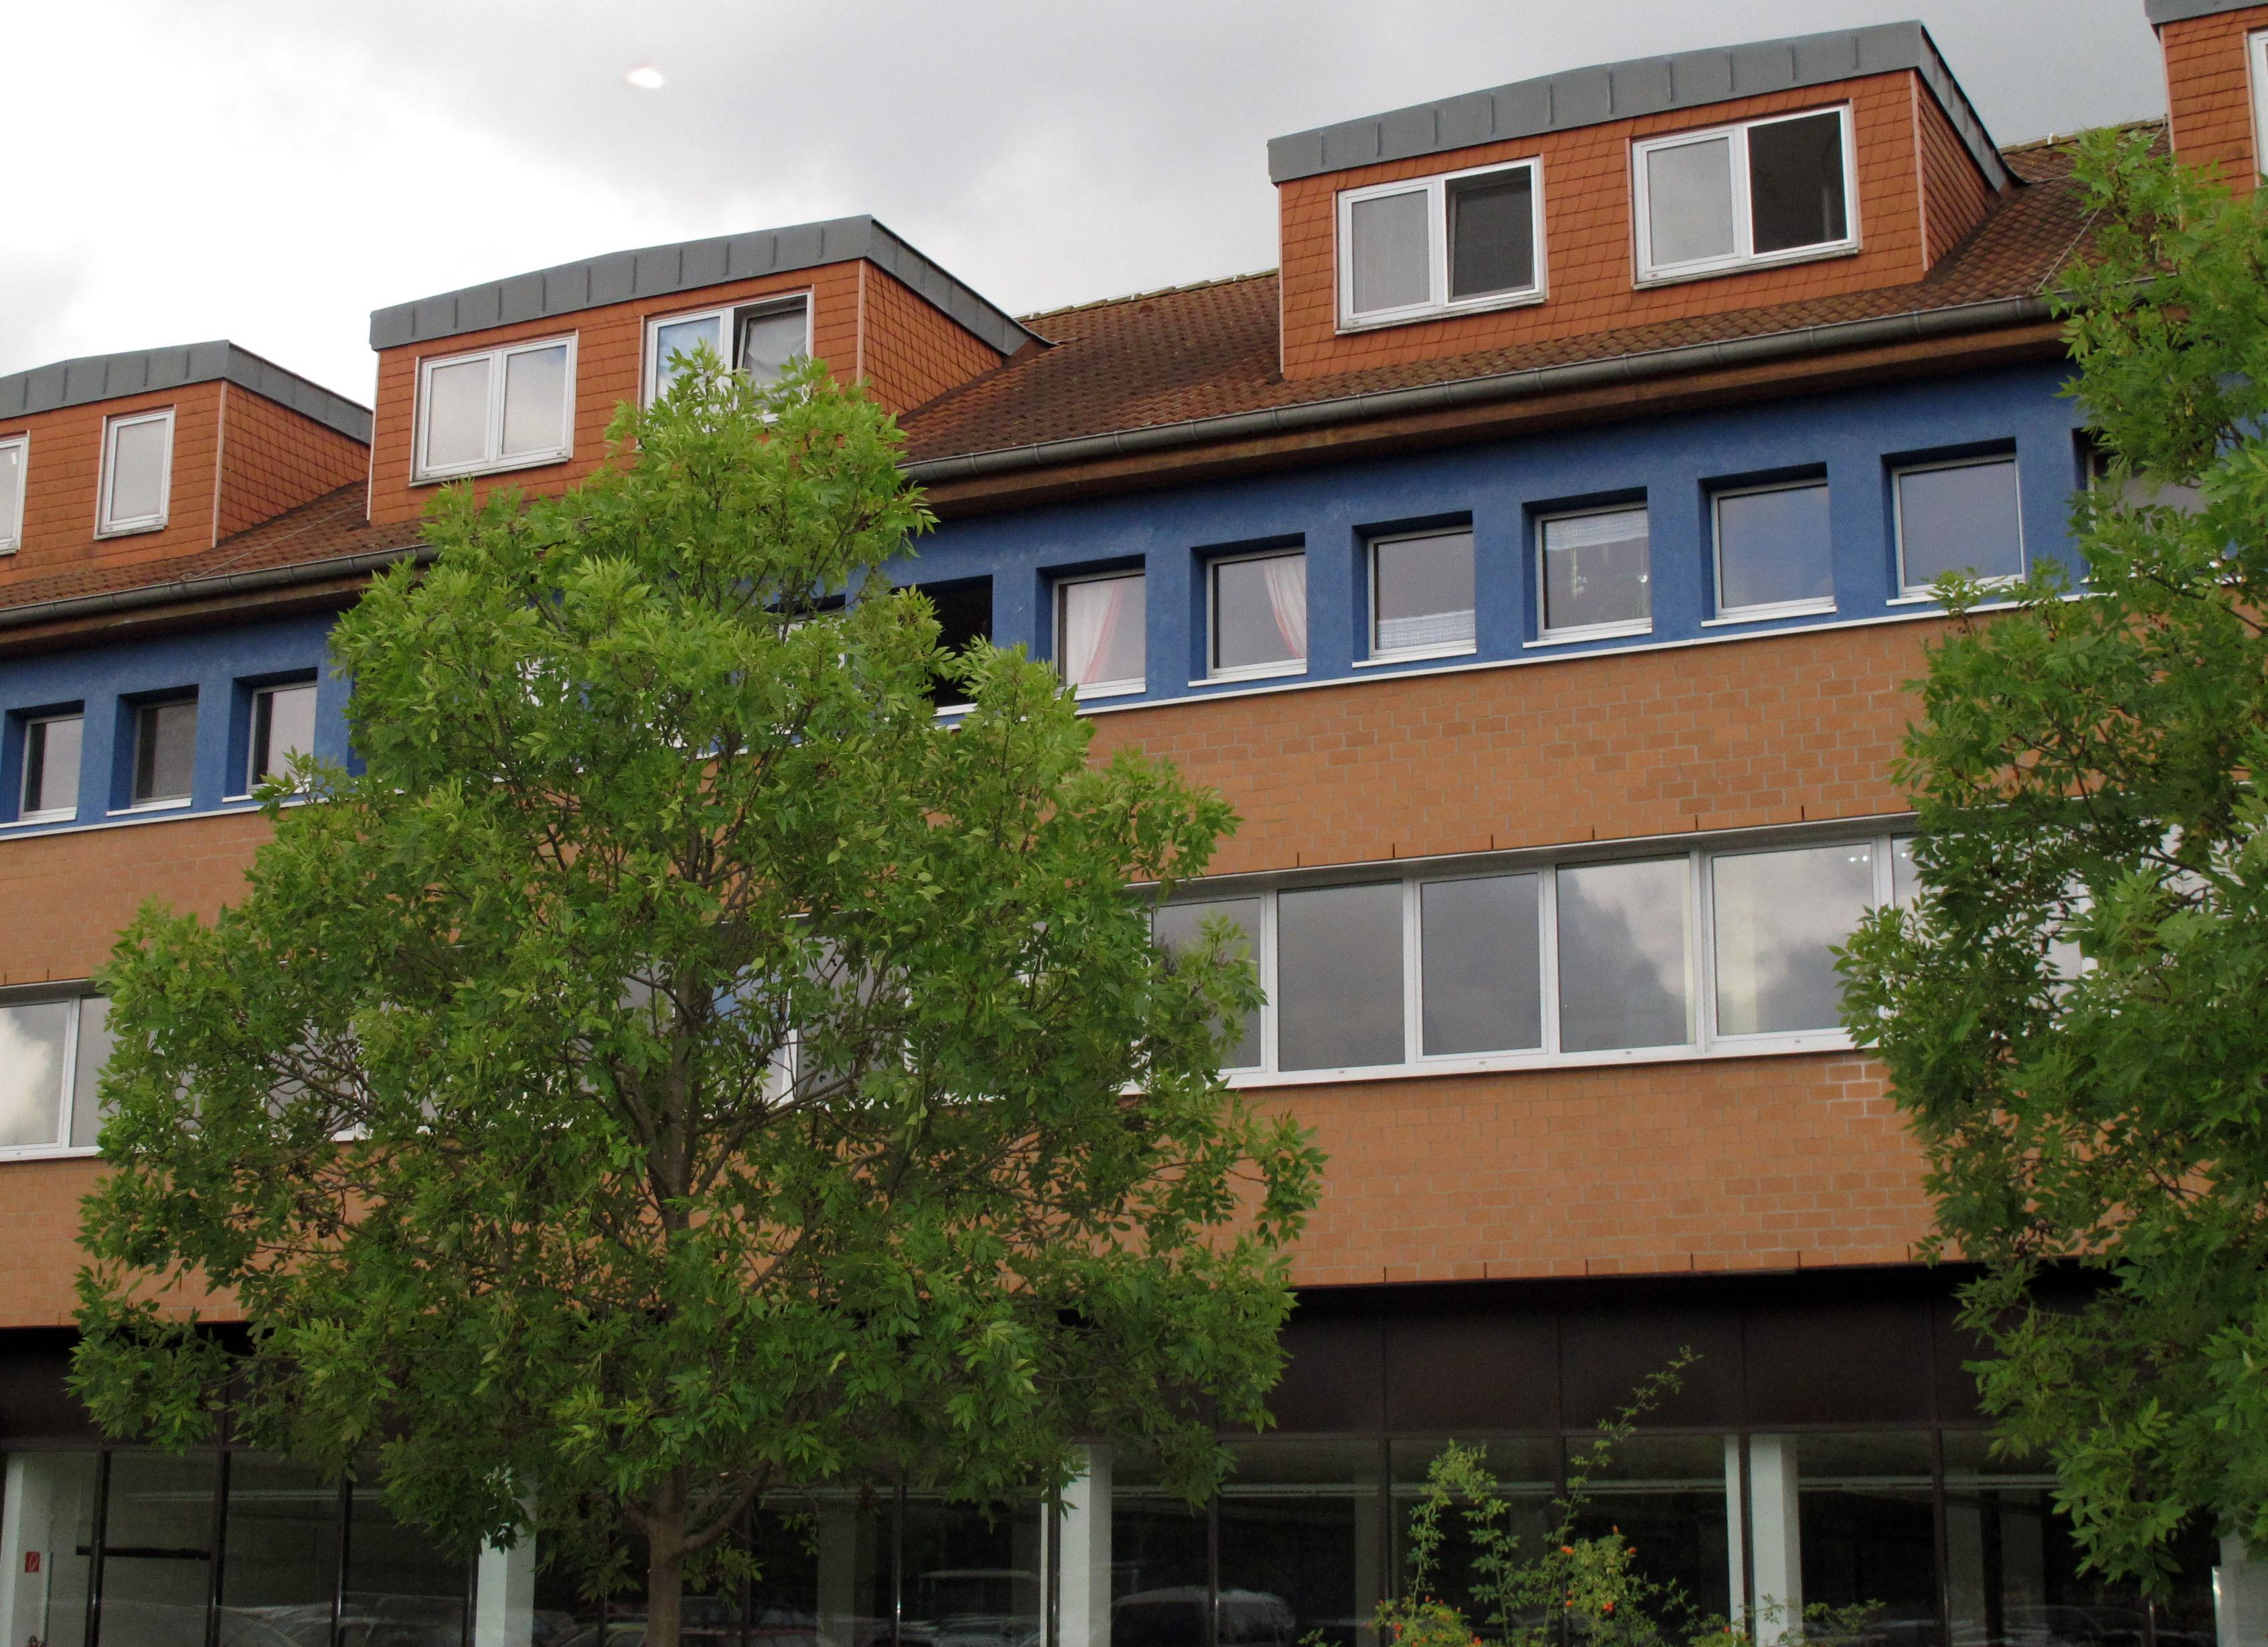 Unterrichtsgebäude der Kreismusikschule Potsdam-Mittelmark in Werder